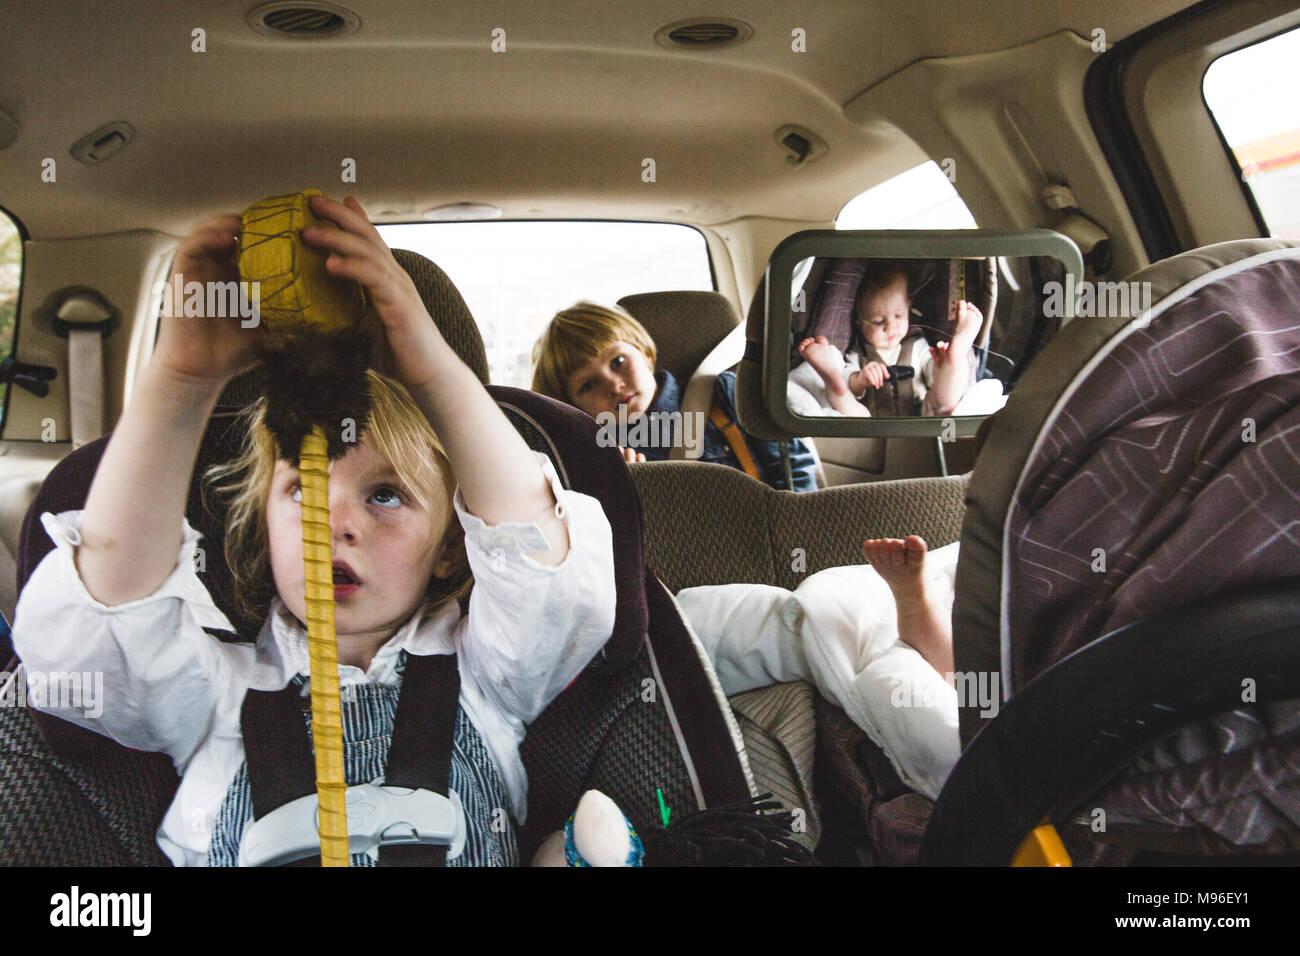 Children sitting in van - Stock Image